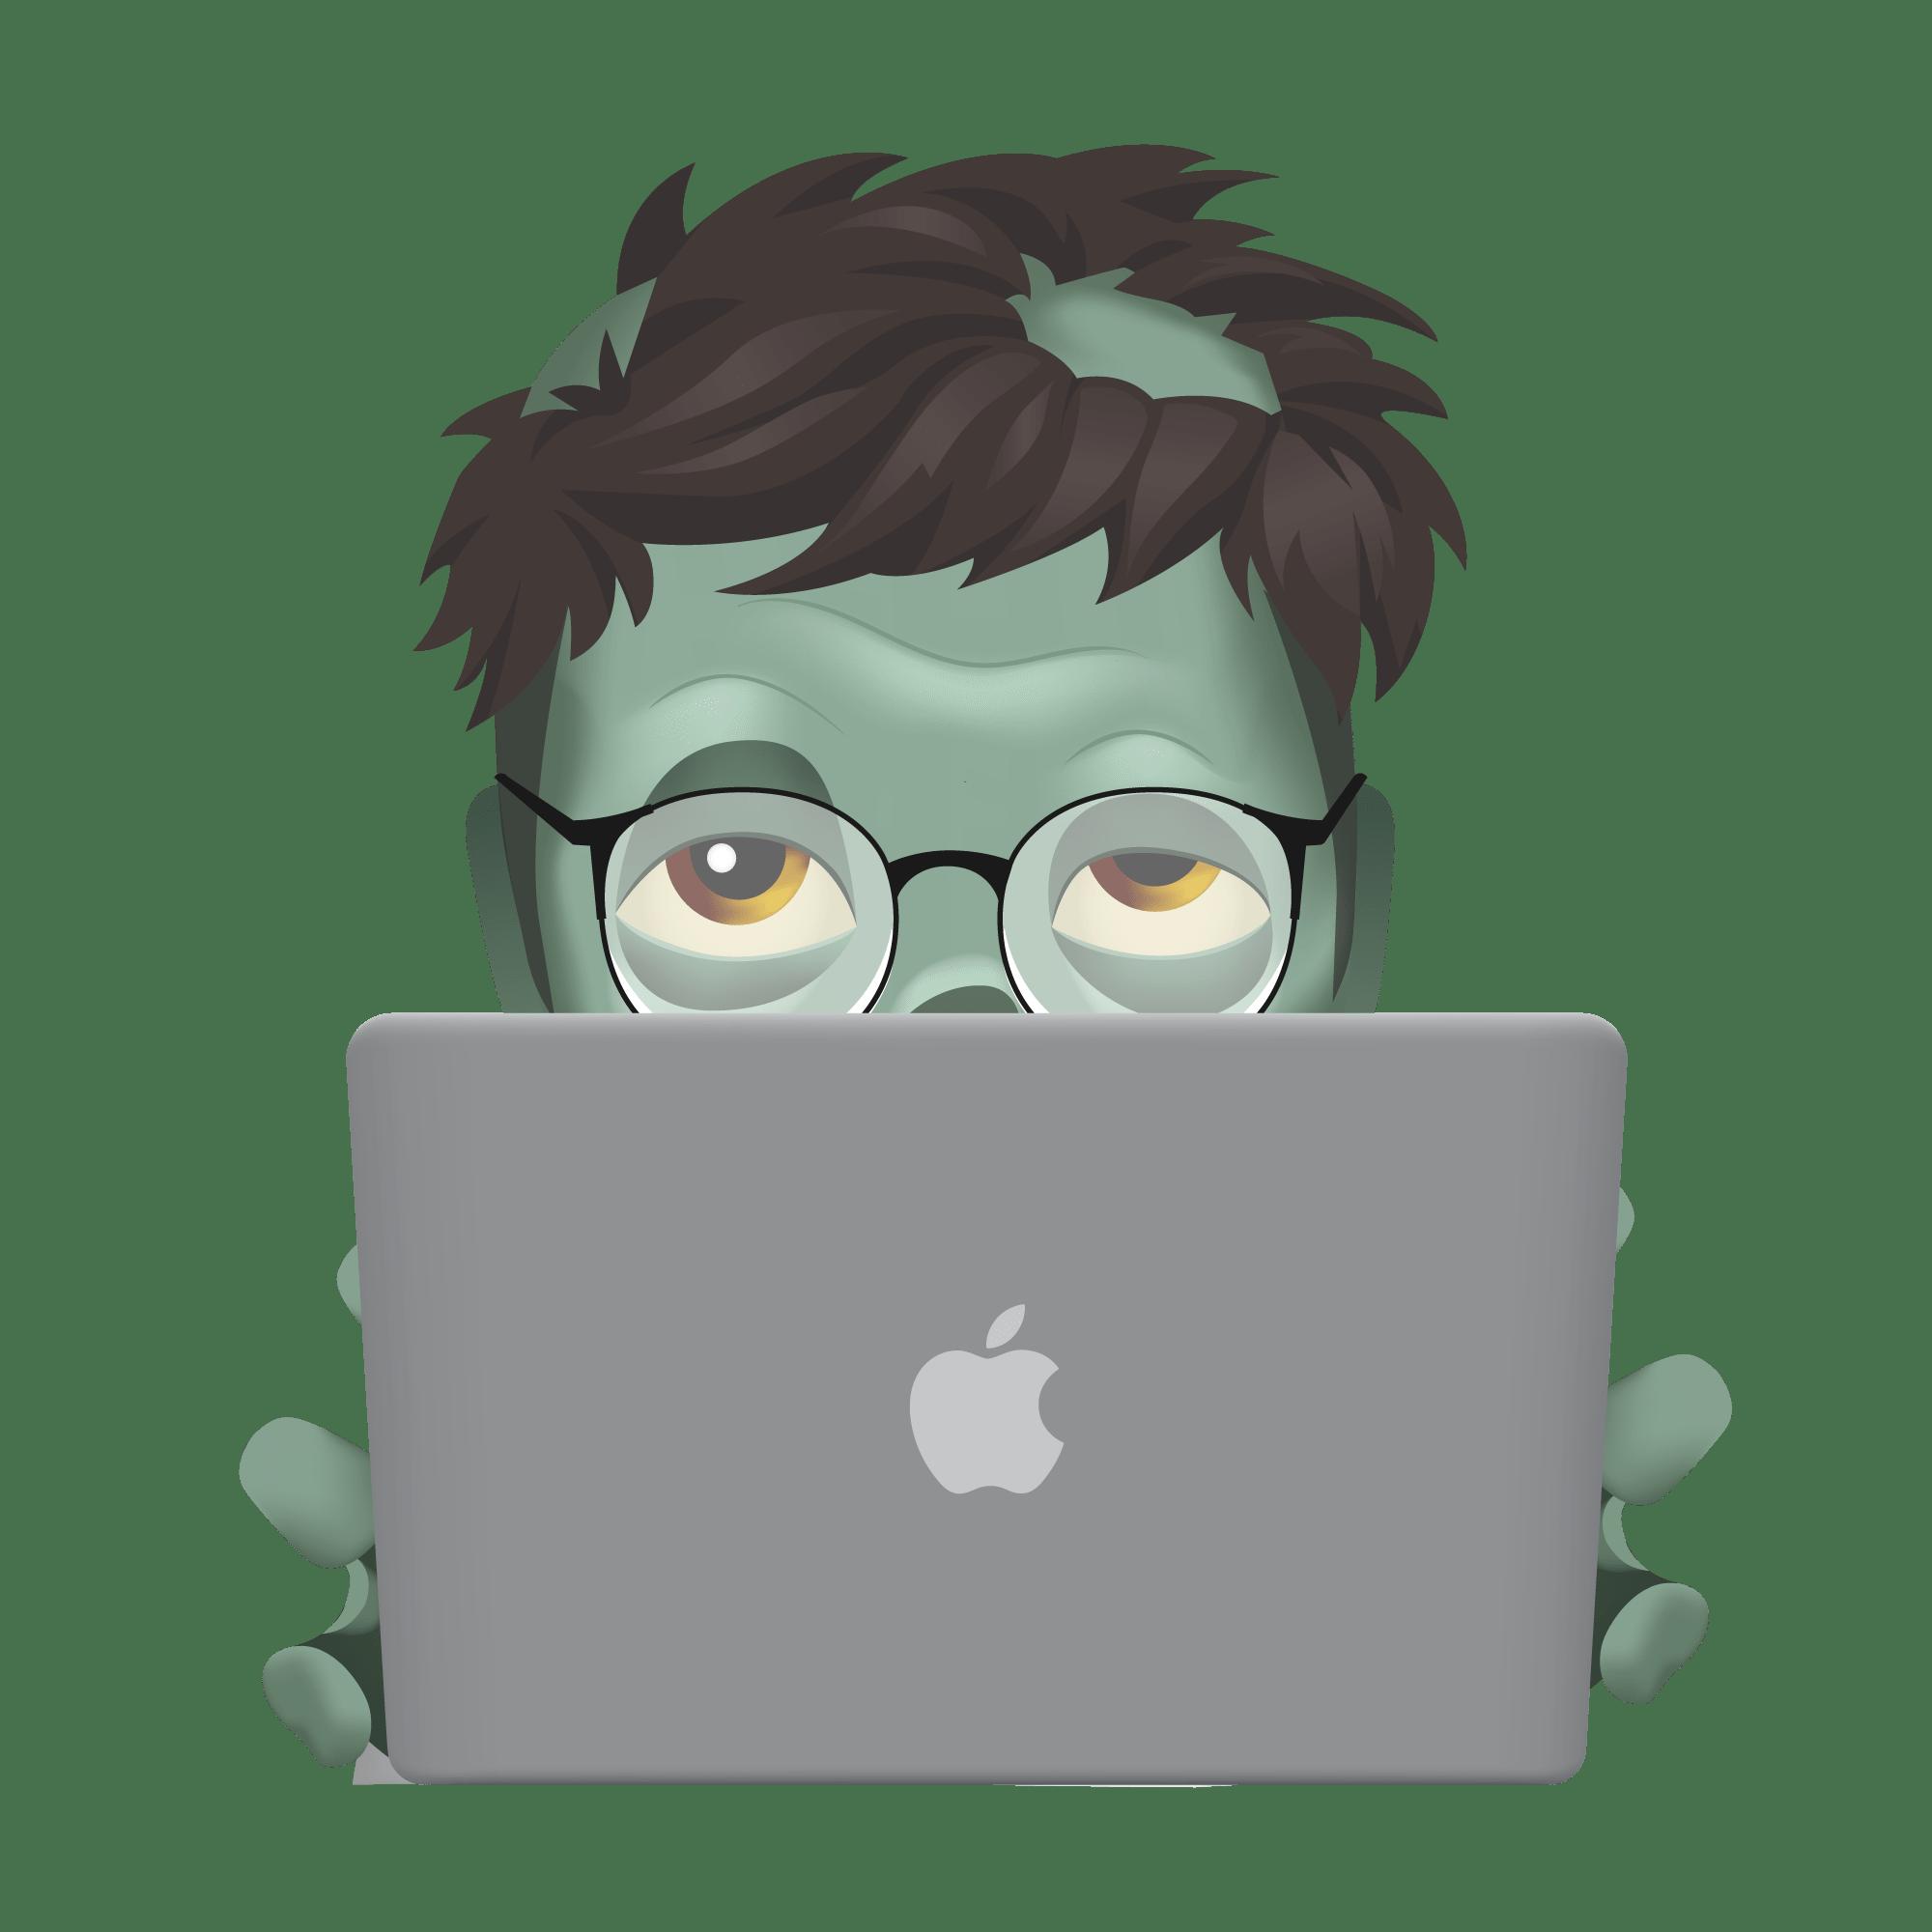 An emoji of a Zombie using a Macbook.